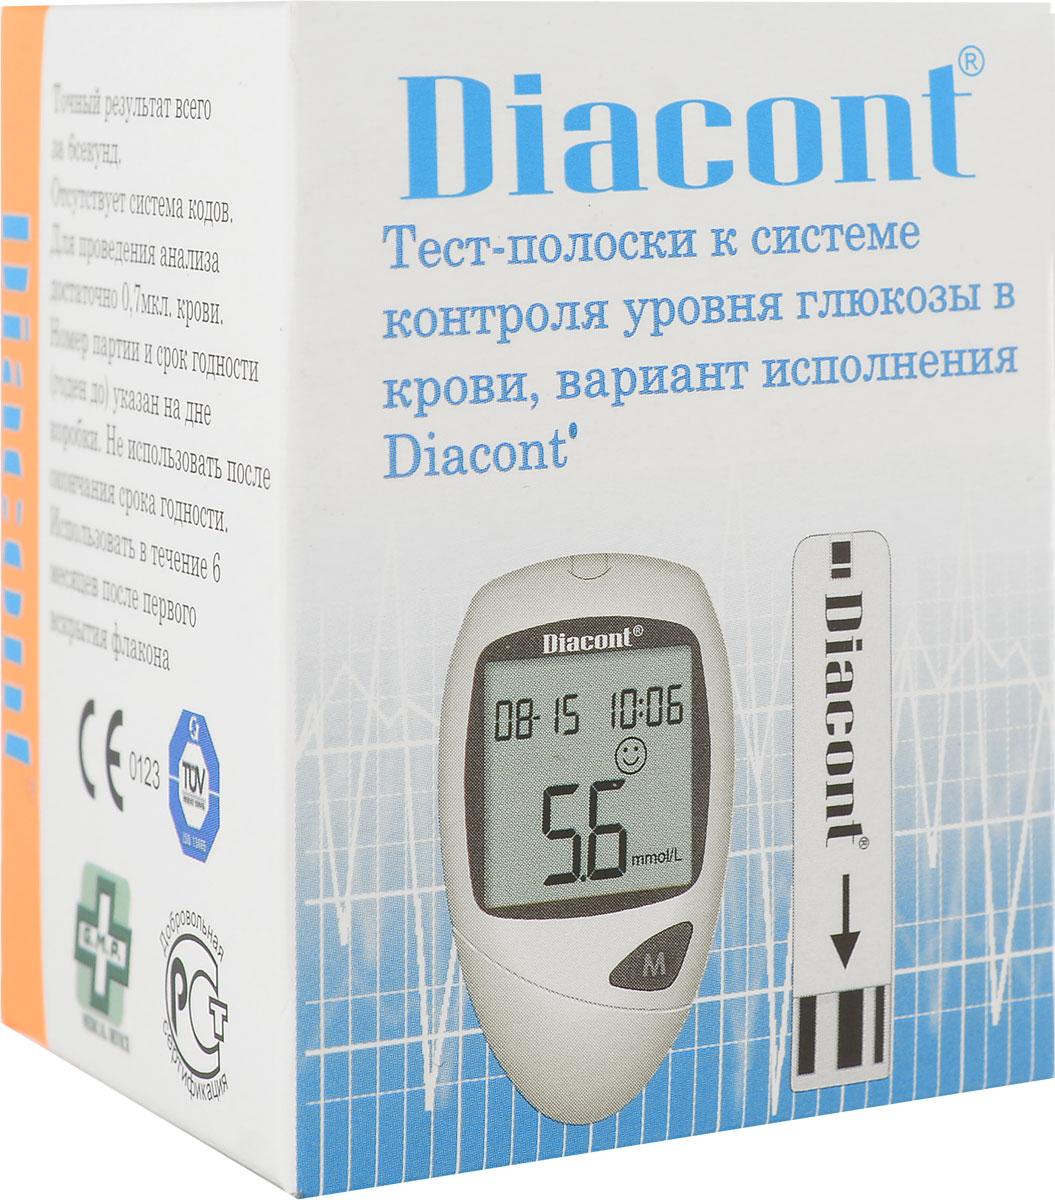 Тест-полоски к системе контроля уровня глюкозы в крови Diacont,50 шт0754Одноразовые тест-полоски к глюкометру Diacont. При изготовлении тест-полосок используетсяметодика послойного нанесения ферментативных слоев, что обеспечивает минимальнуюпогрешность измерения. Тест-полоски не требуют кодирования и сами втягивают каплю крови. Особенности: Послойное нанесение ферментативных слоев тест-полоски для минимальной погрешностиизмерения Не требуют кодирования Тест-полоска сама втягивает кровь Контрольное поле на тест-полоске для определения достаточного количества крови на полоскеХарактеристики:Размер упаковки: 5,5 см х 4,5 см х 4,5 см. Уважаемые клиенты! Обращаем ваше внимание на то, что упаковка может иметь несколько видов дизайна.Поставка осуществляется в зависимости от наличия на складе.